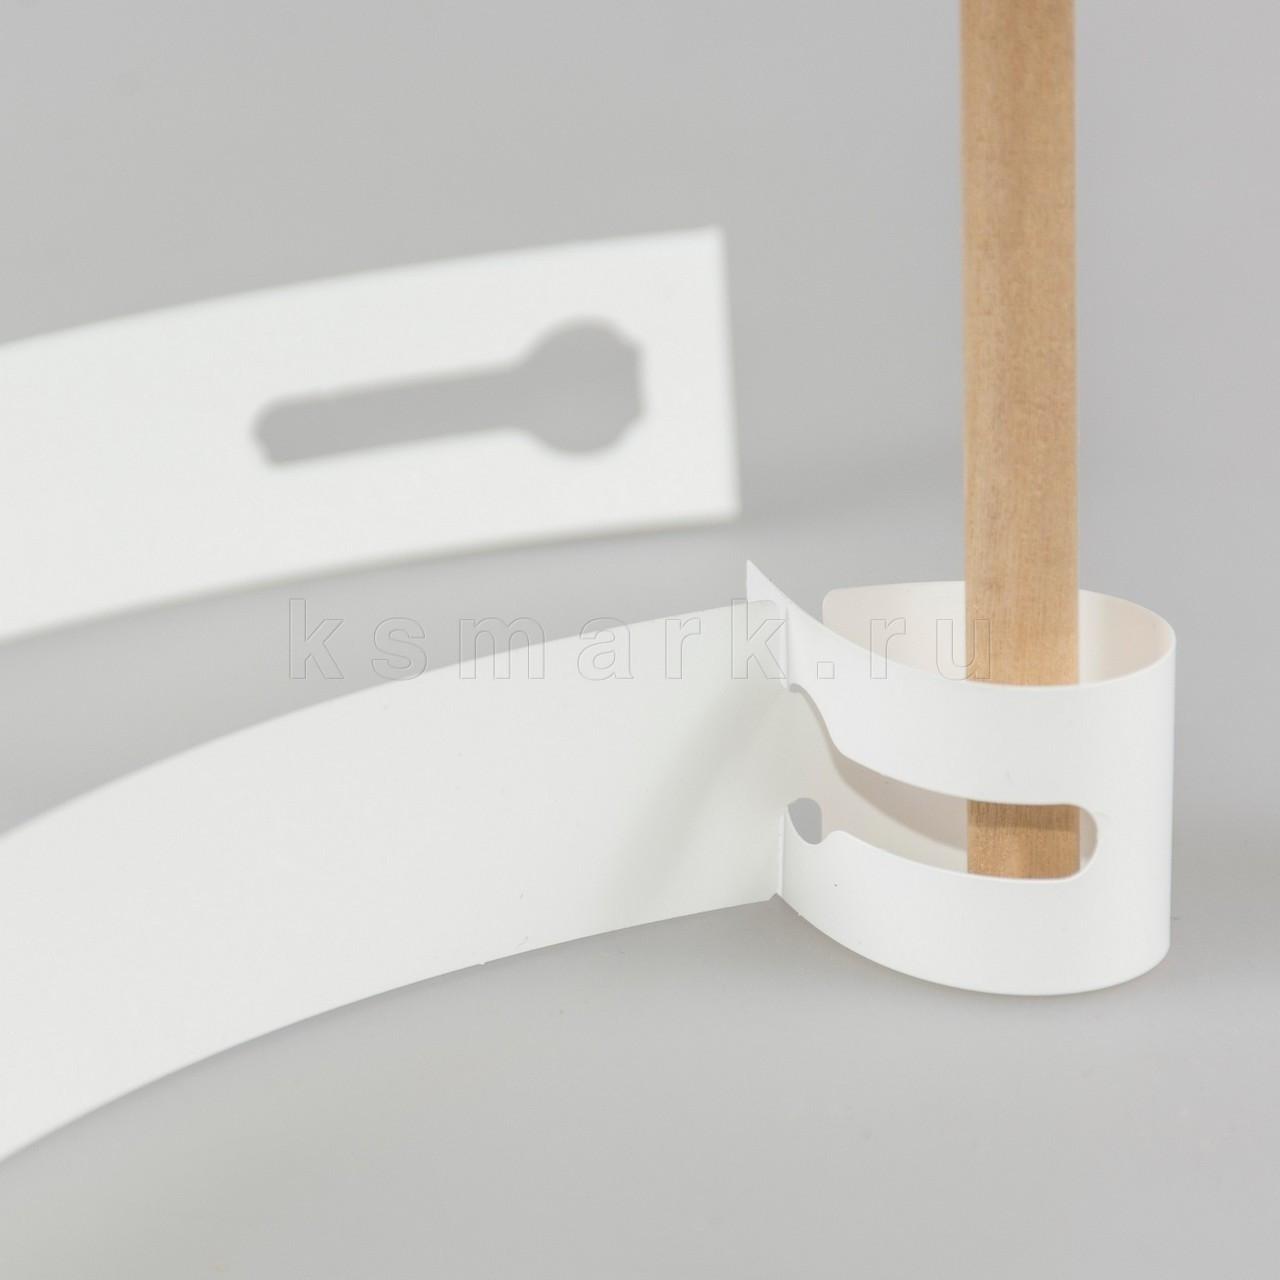 Бирки для крупномеров увеличенный размер петельки 57х298,44 мм 500 шт